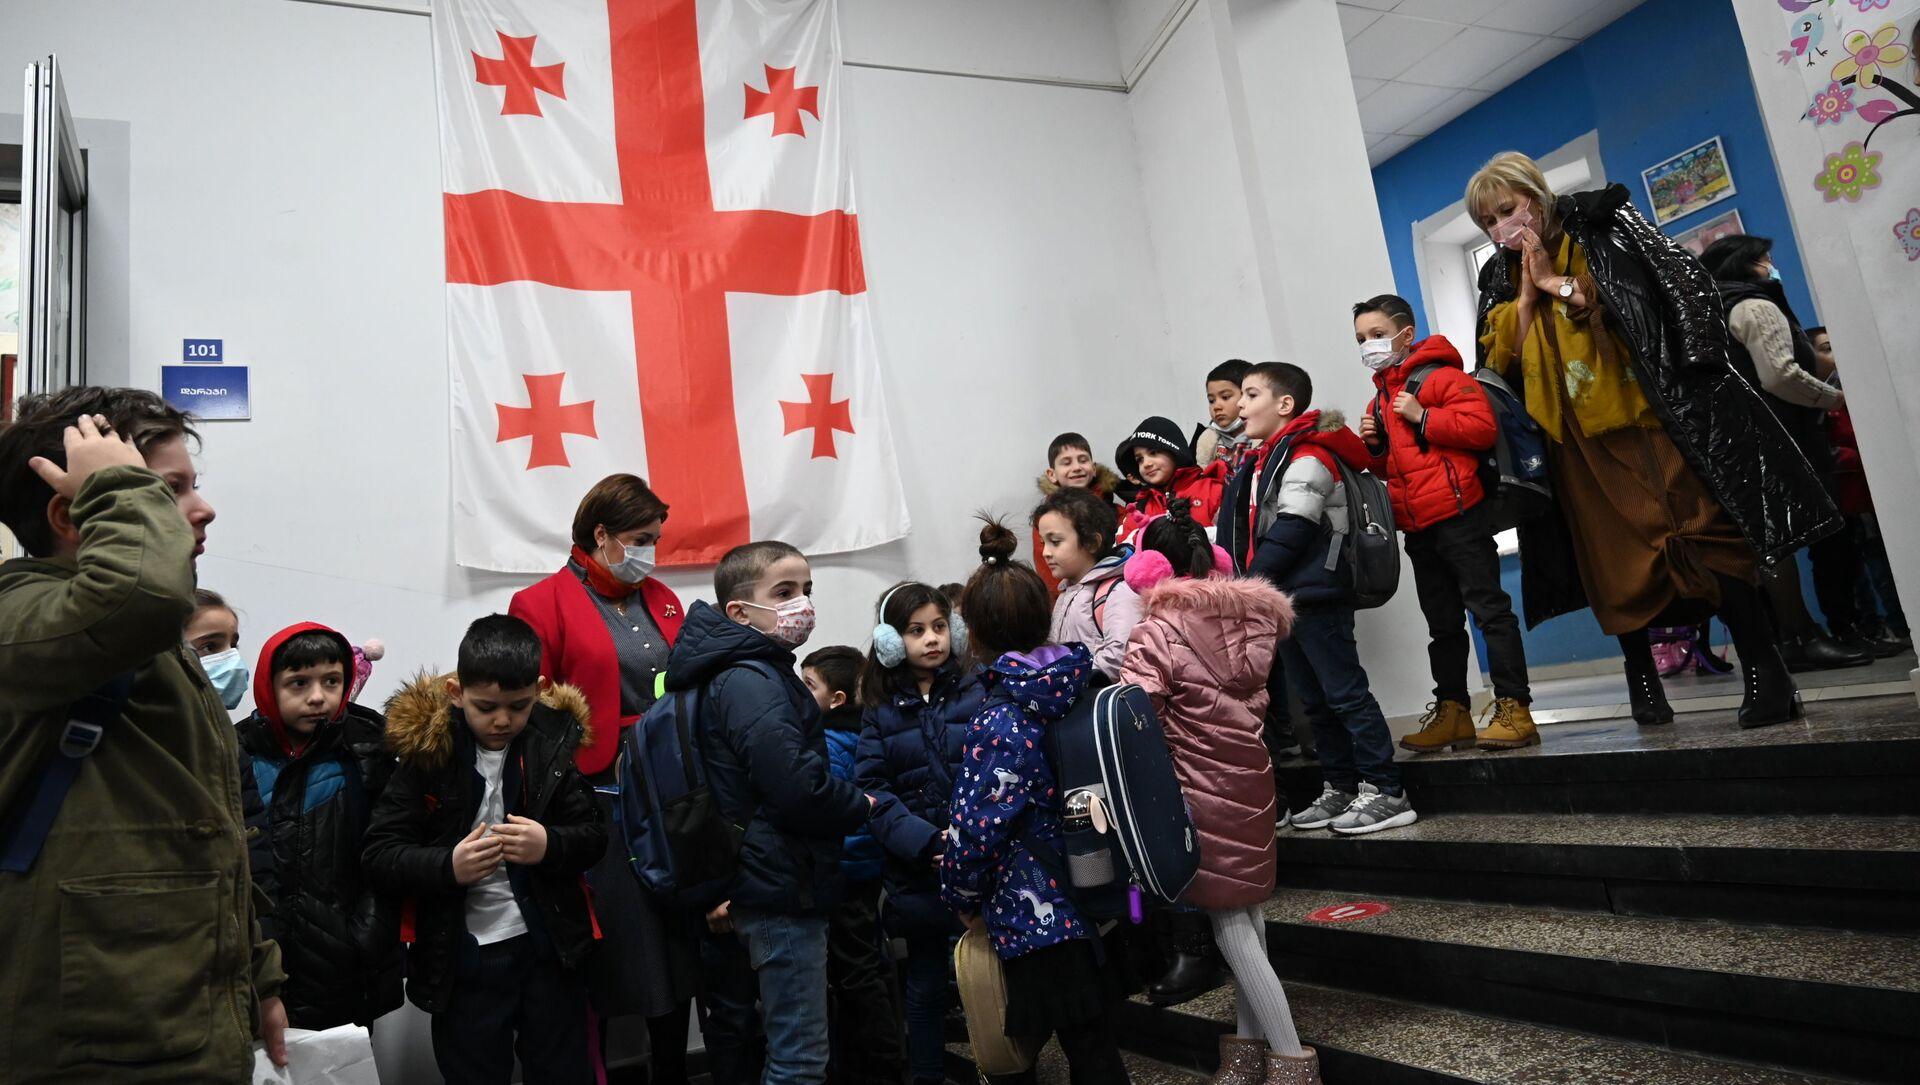 Учеба в школе во время эпидемии коронавируса - дети и педагоги в масках - Sputnik Грузия, 1920, 16.04.2021